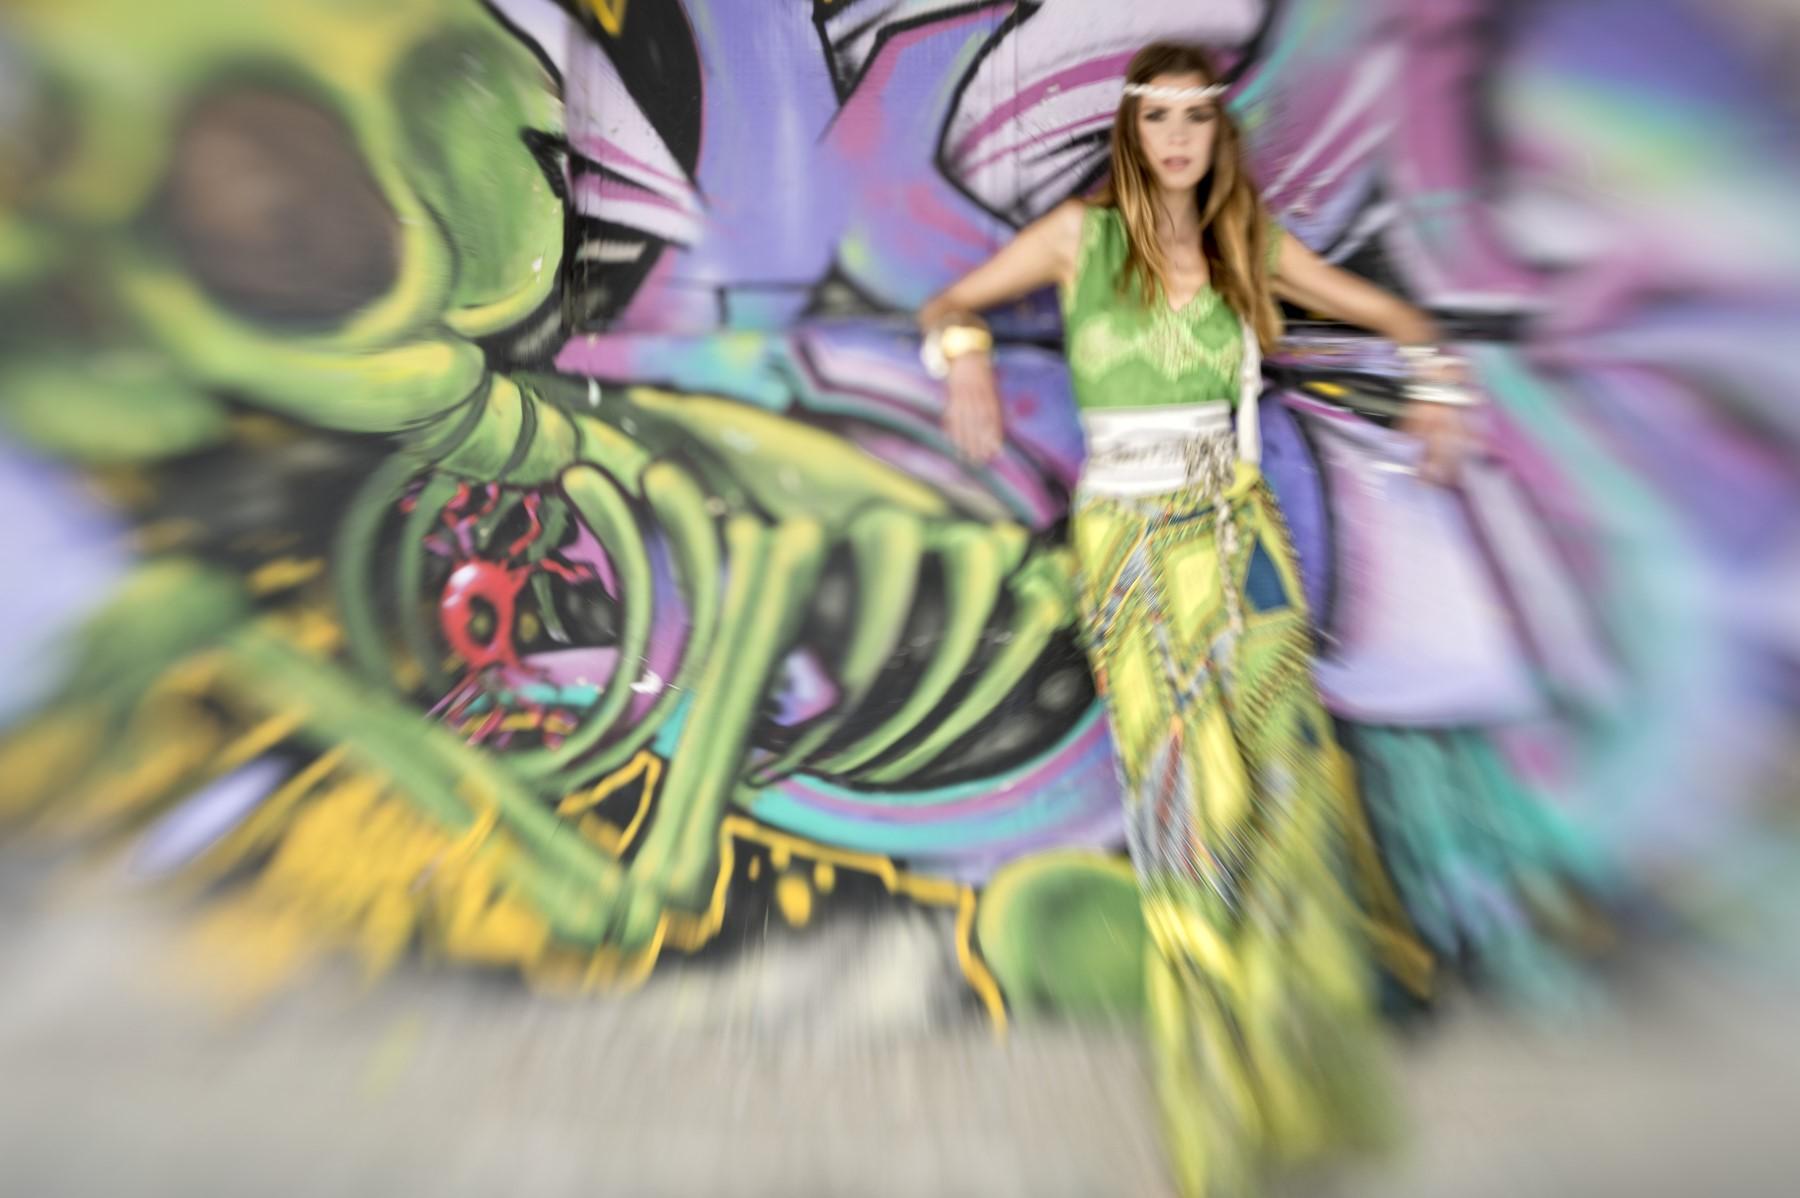 ROP70_058_editoriale Fashion/Adv